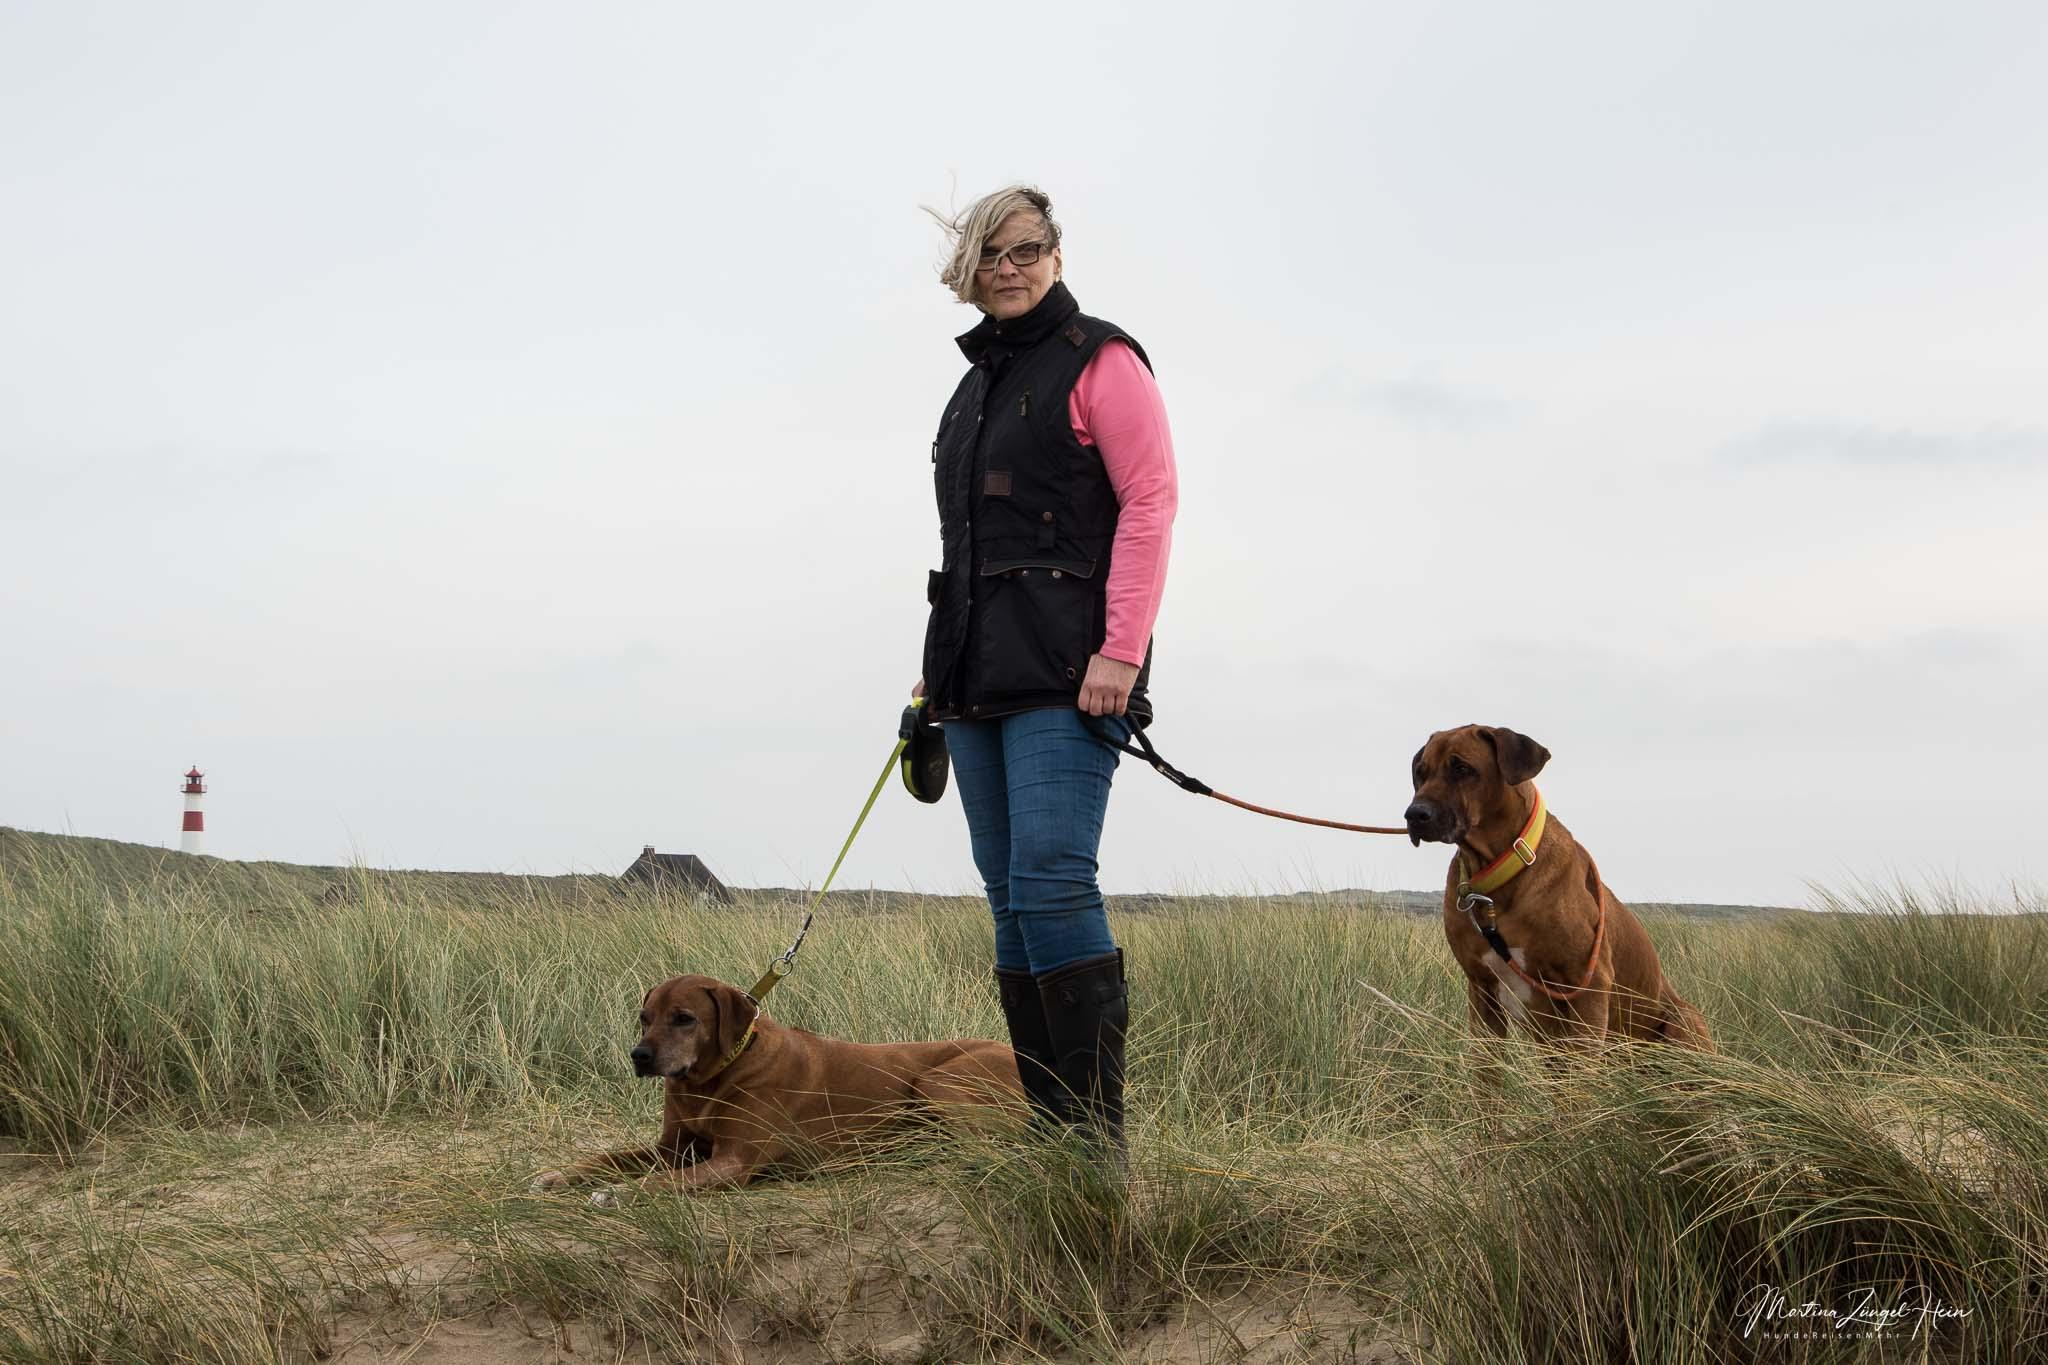 Mit der DogCoach Hundeweste und Gummistiefeln macht eine Wattwanderung im Herbst Spaß